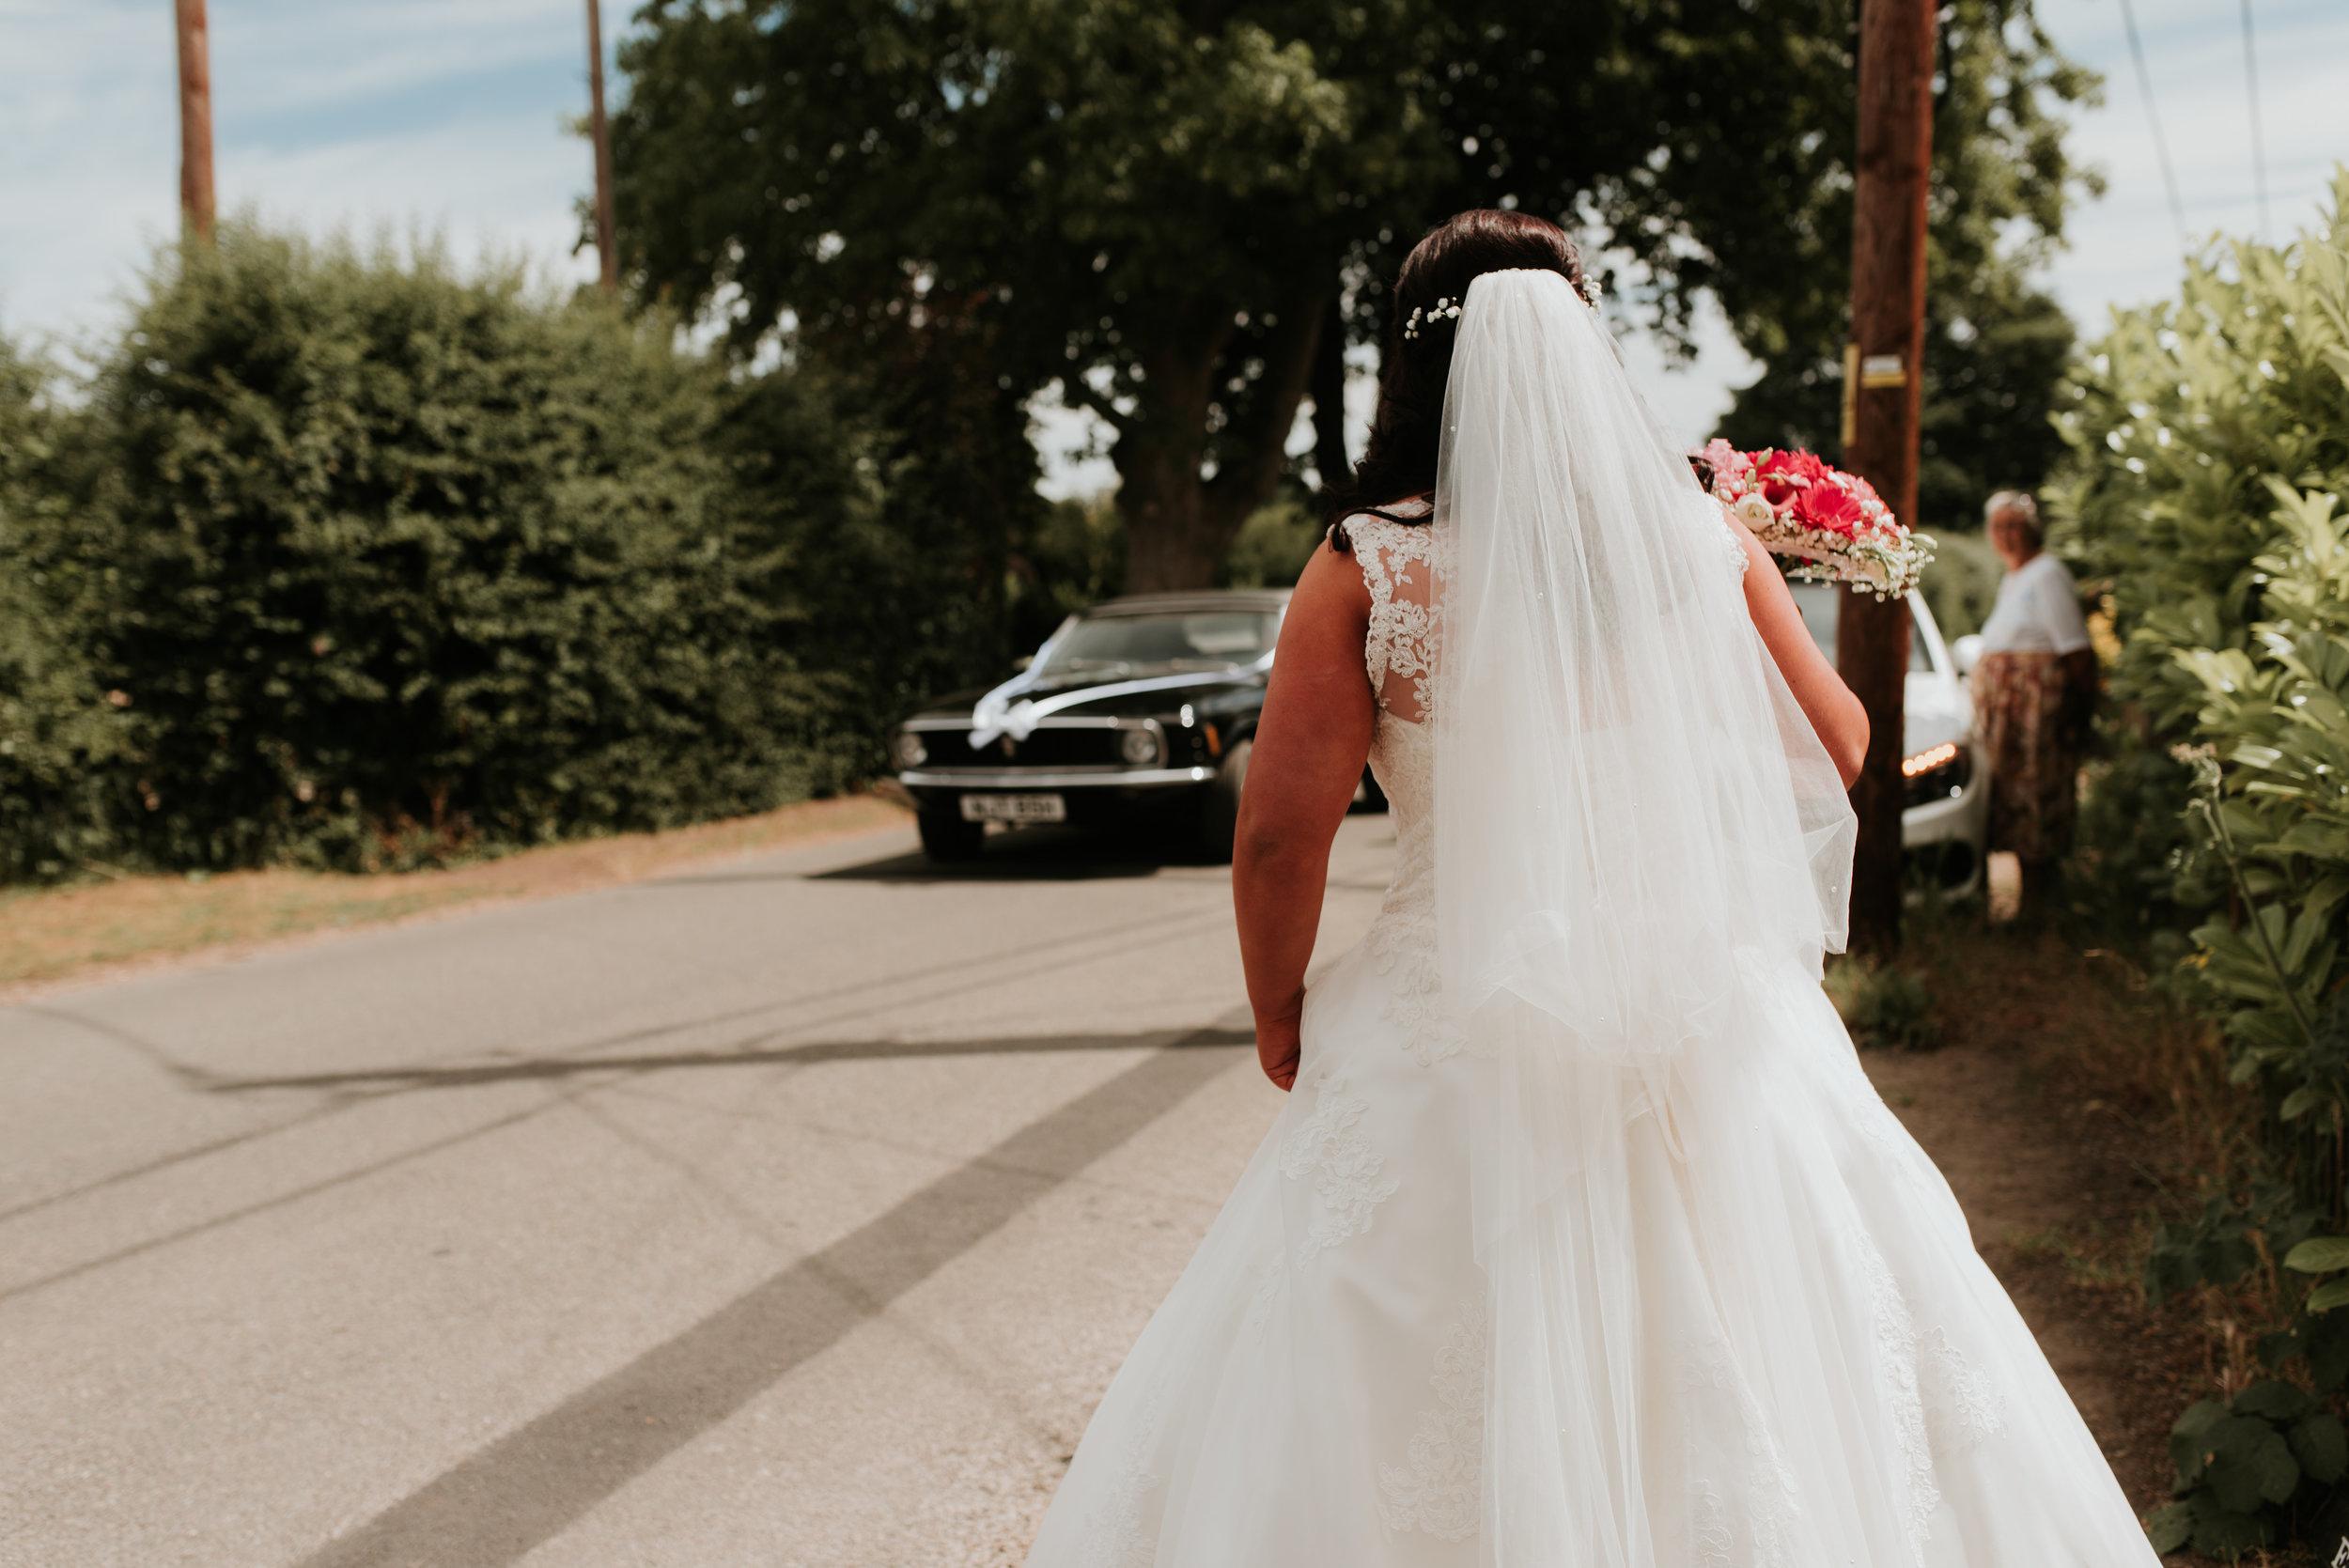 Bride waiting for wedding car